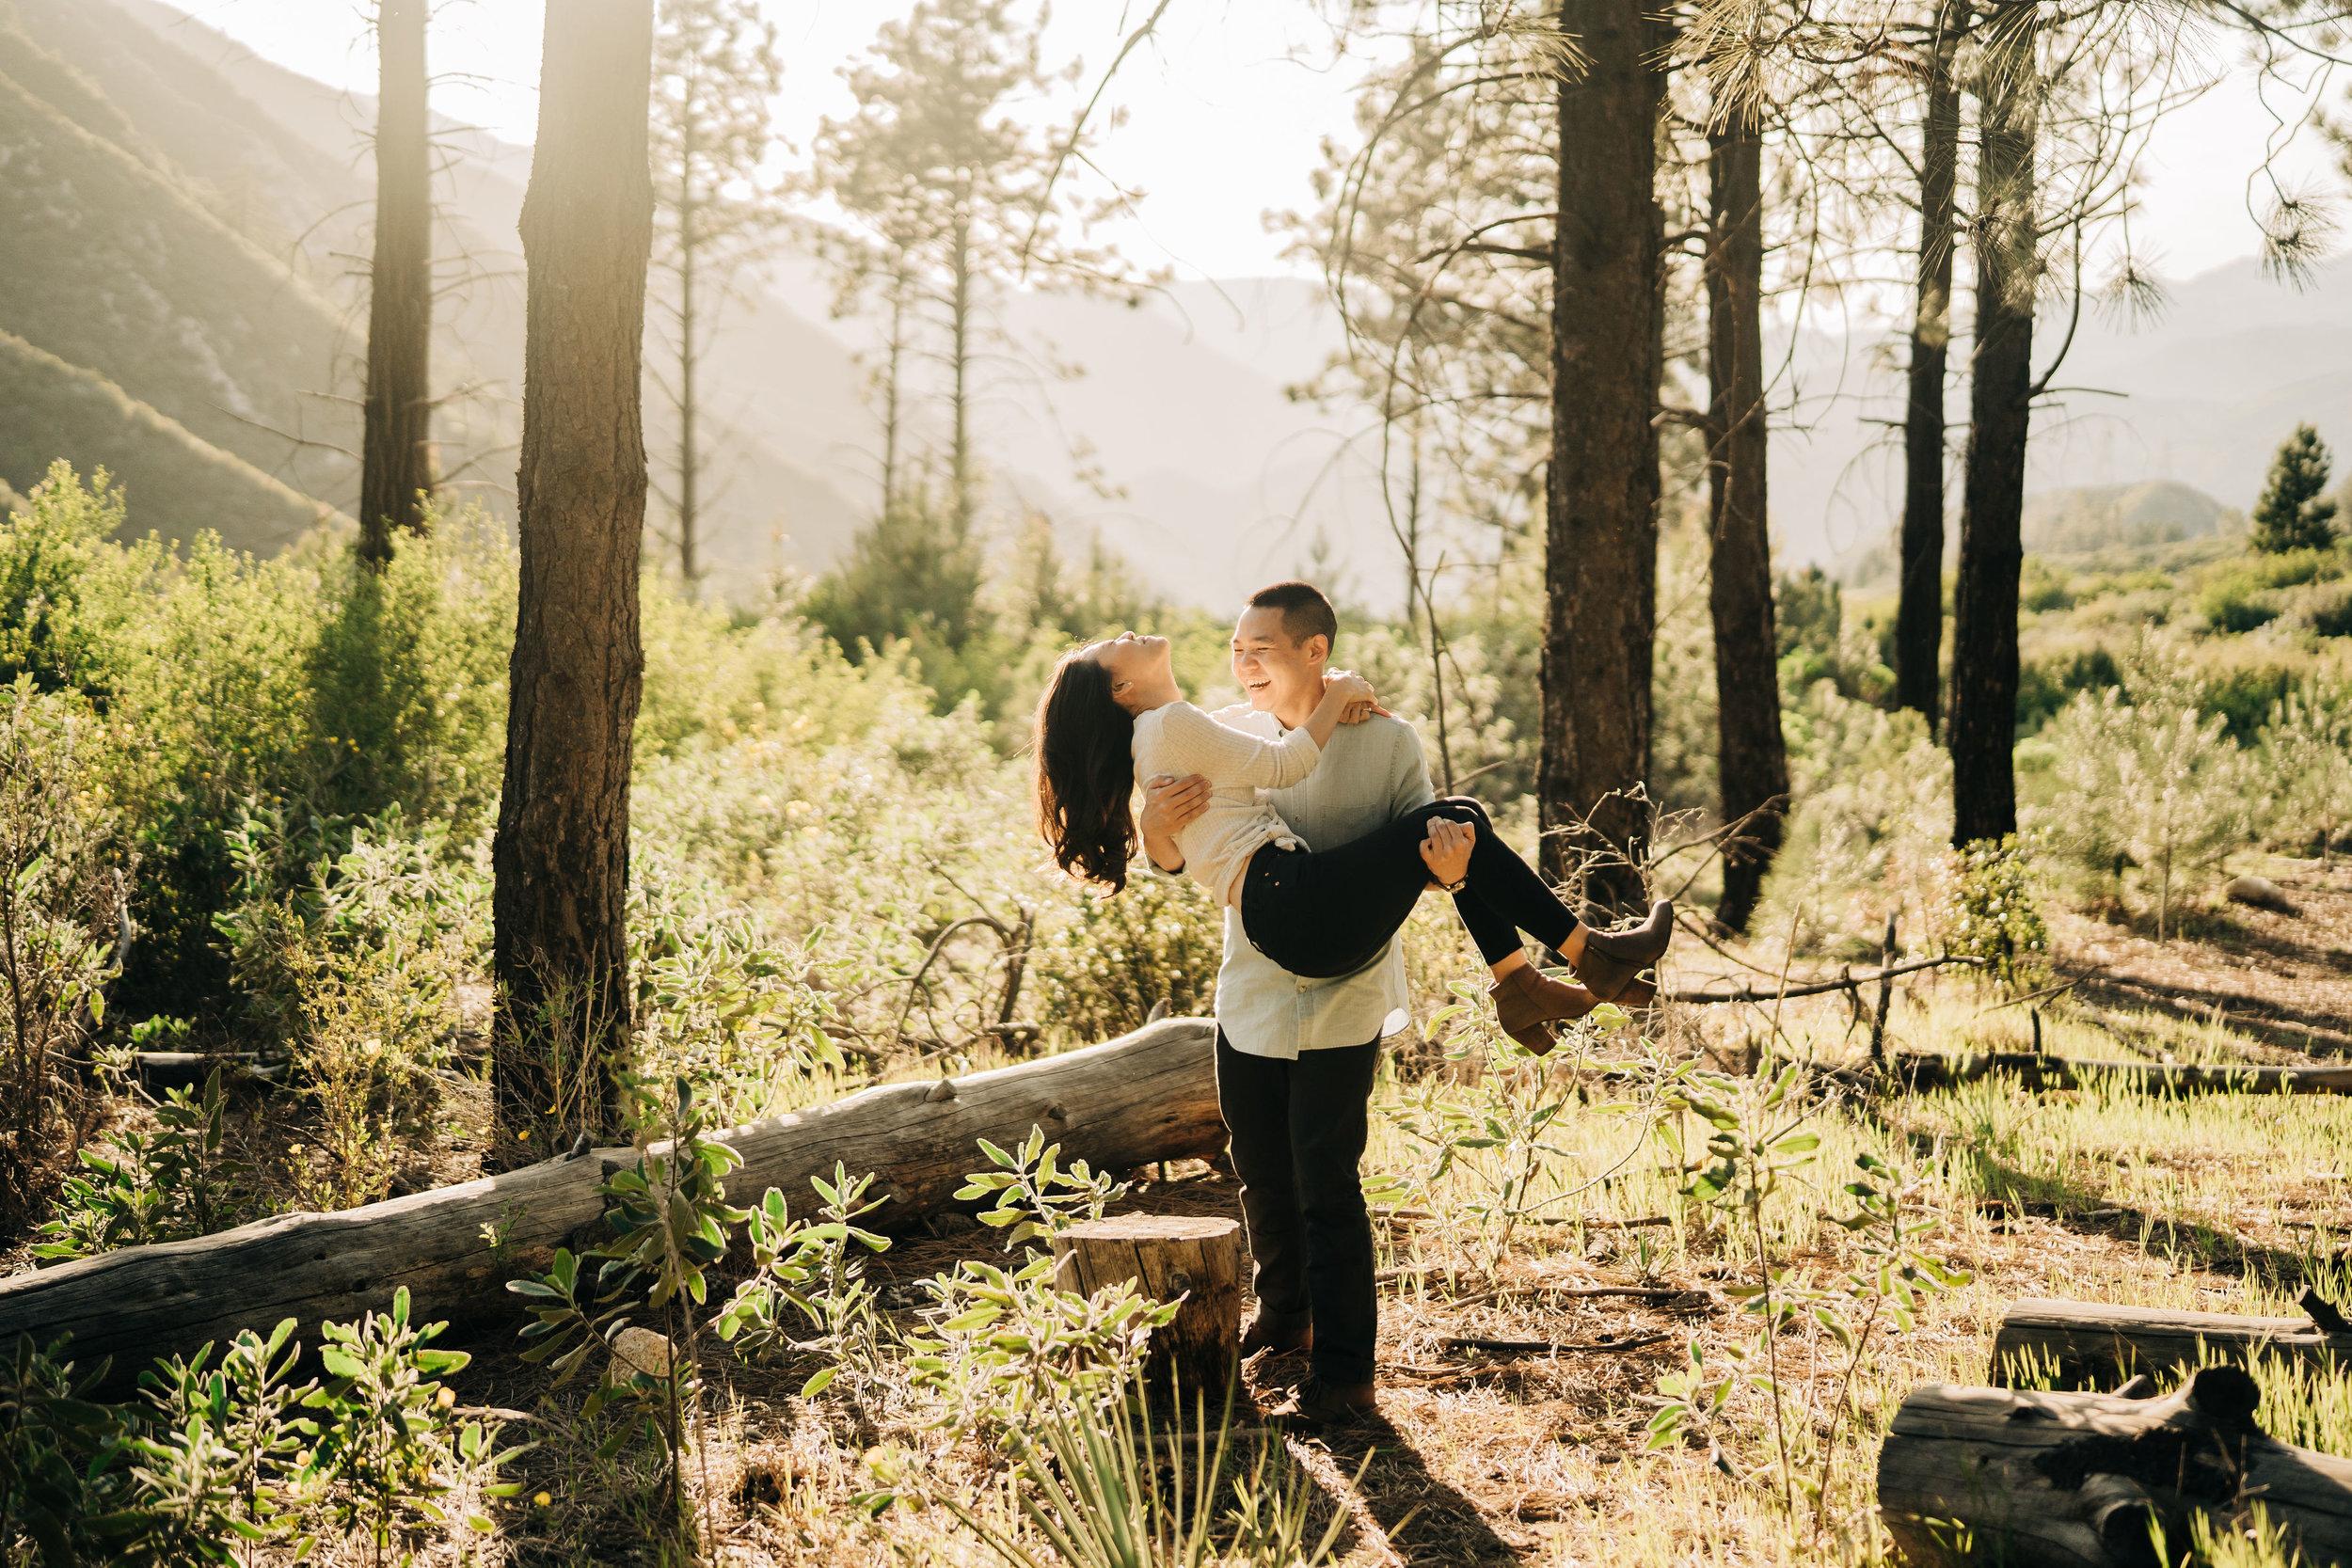 la-forest-engagement-photos-051.jpg